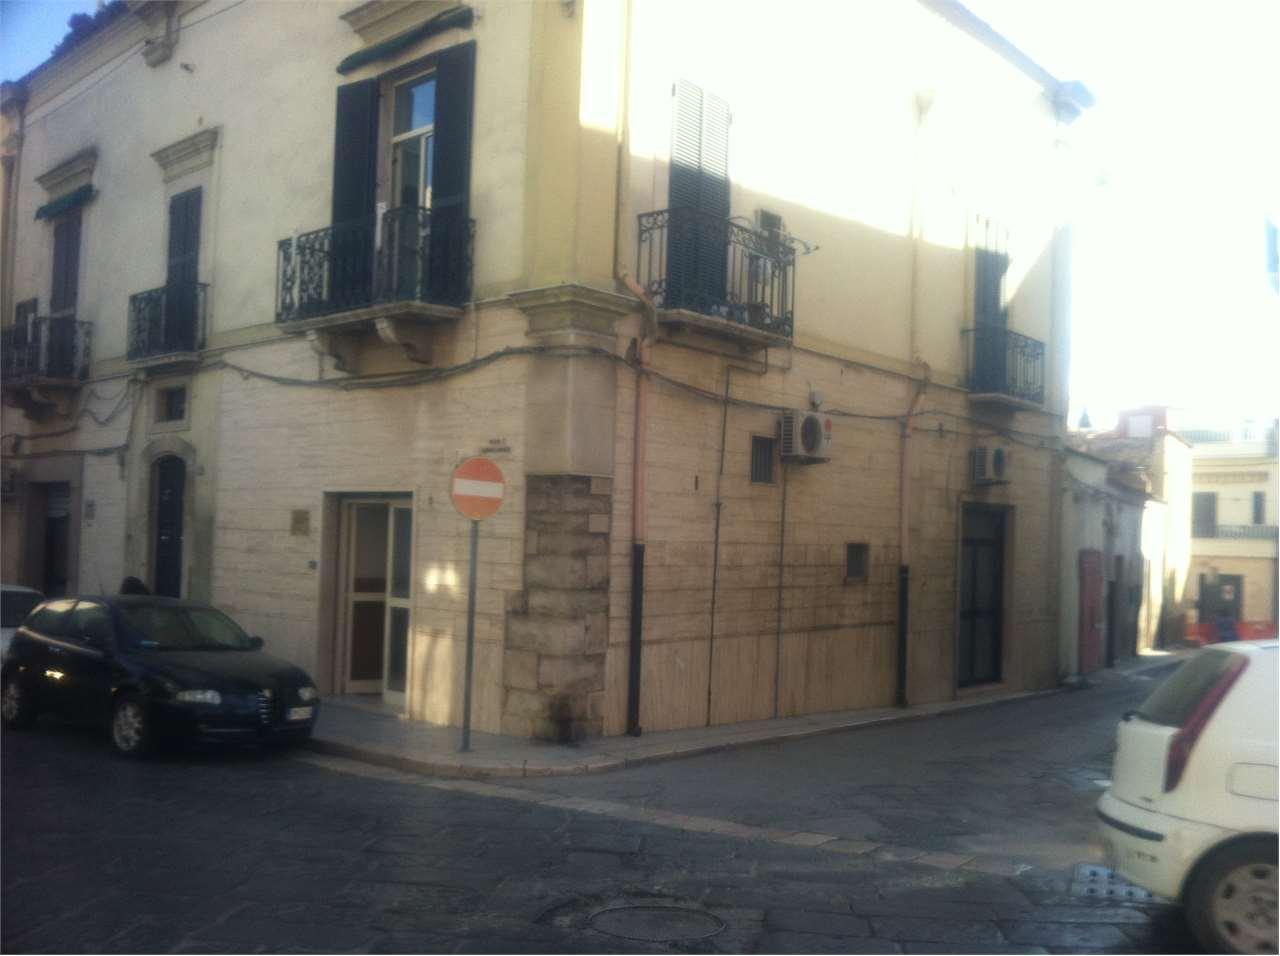 Ufficio / Studio in affitto a Cerignola, 9999 locali, zona Località: ADDOLORATA, prezzo € 600 | CambioCasa.it